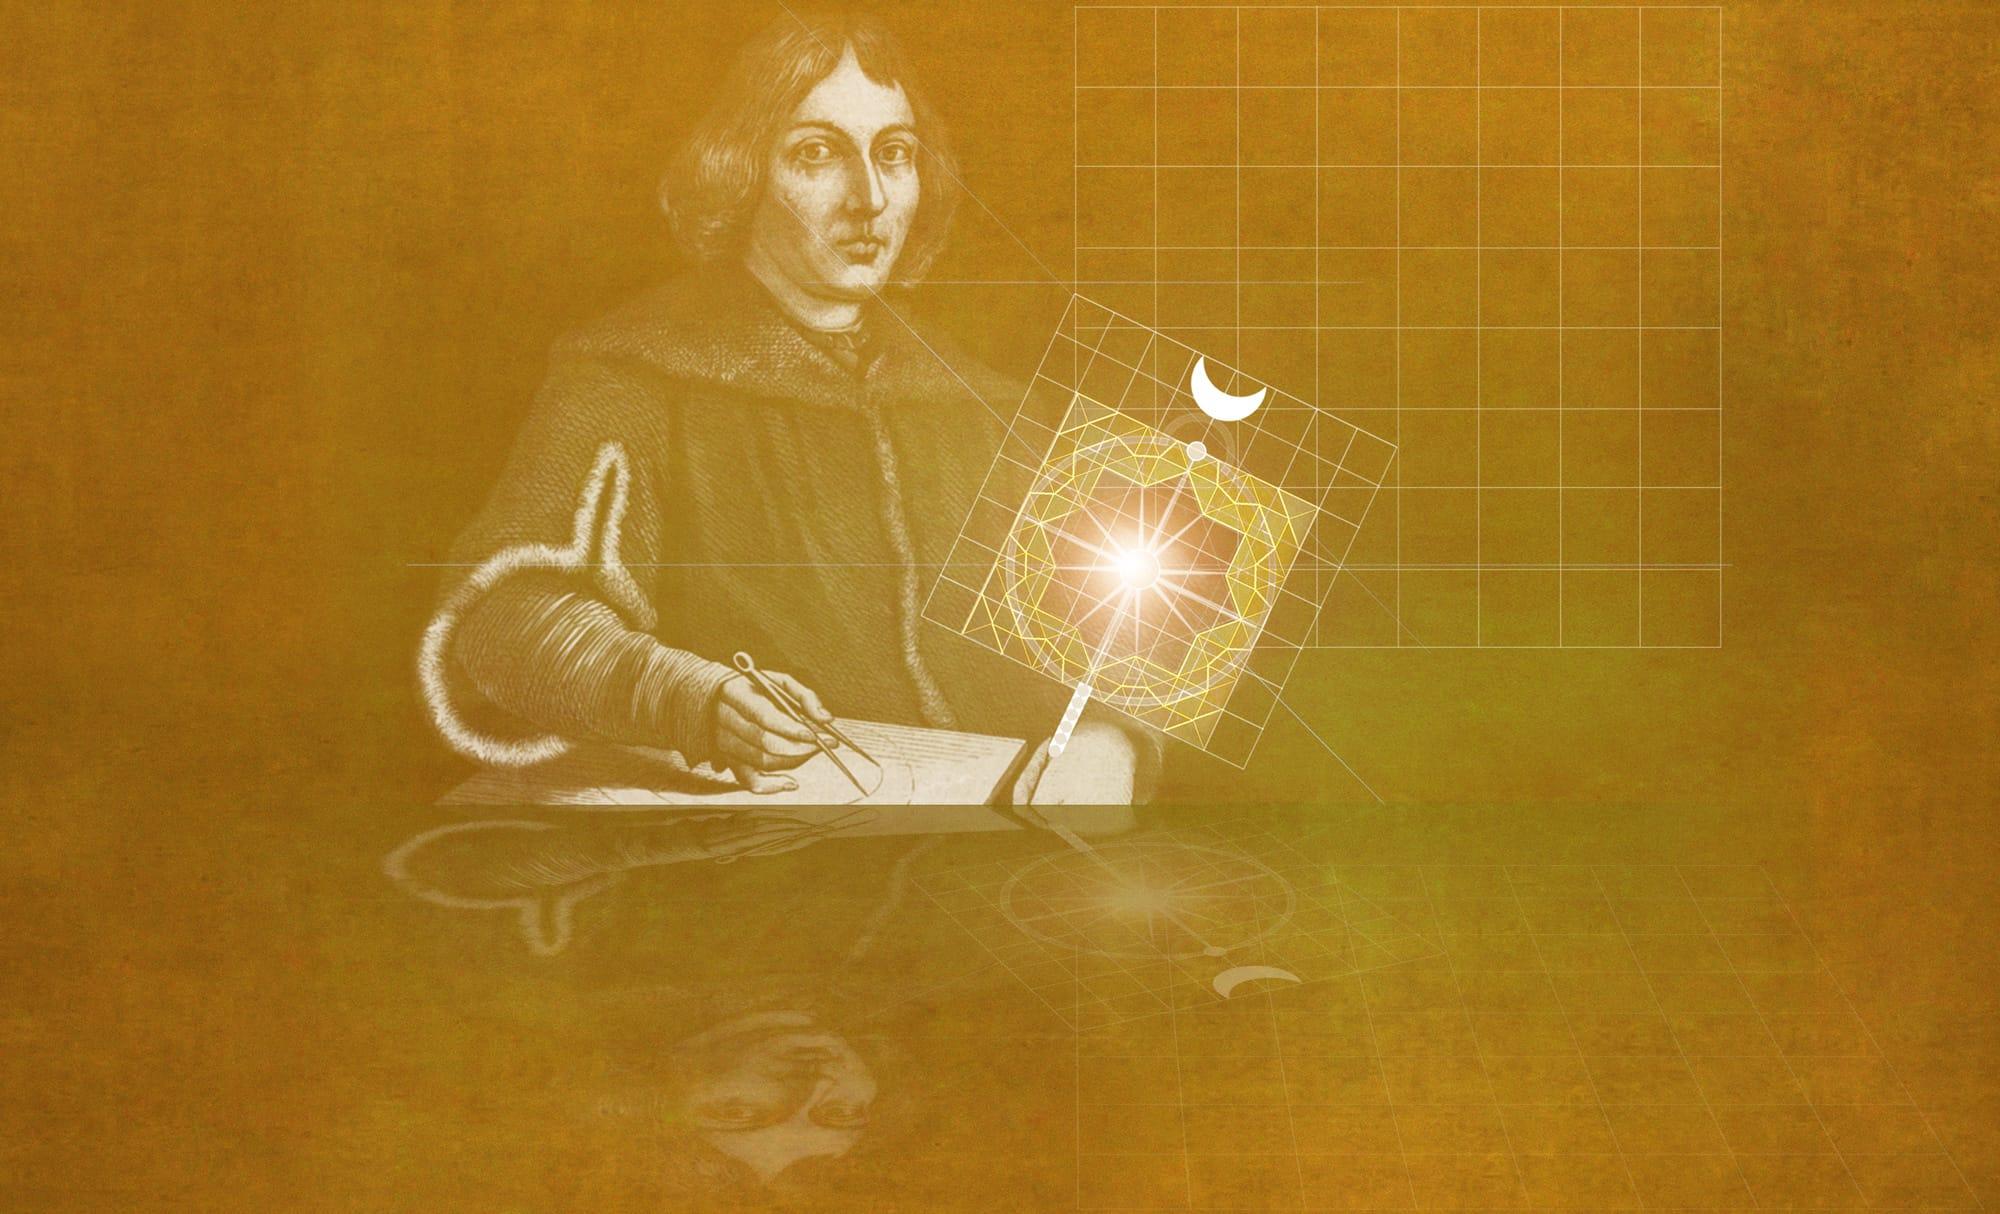 006Nicolas-Copernico_8982697926_o